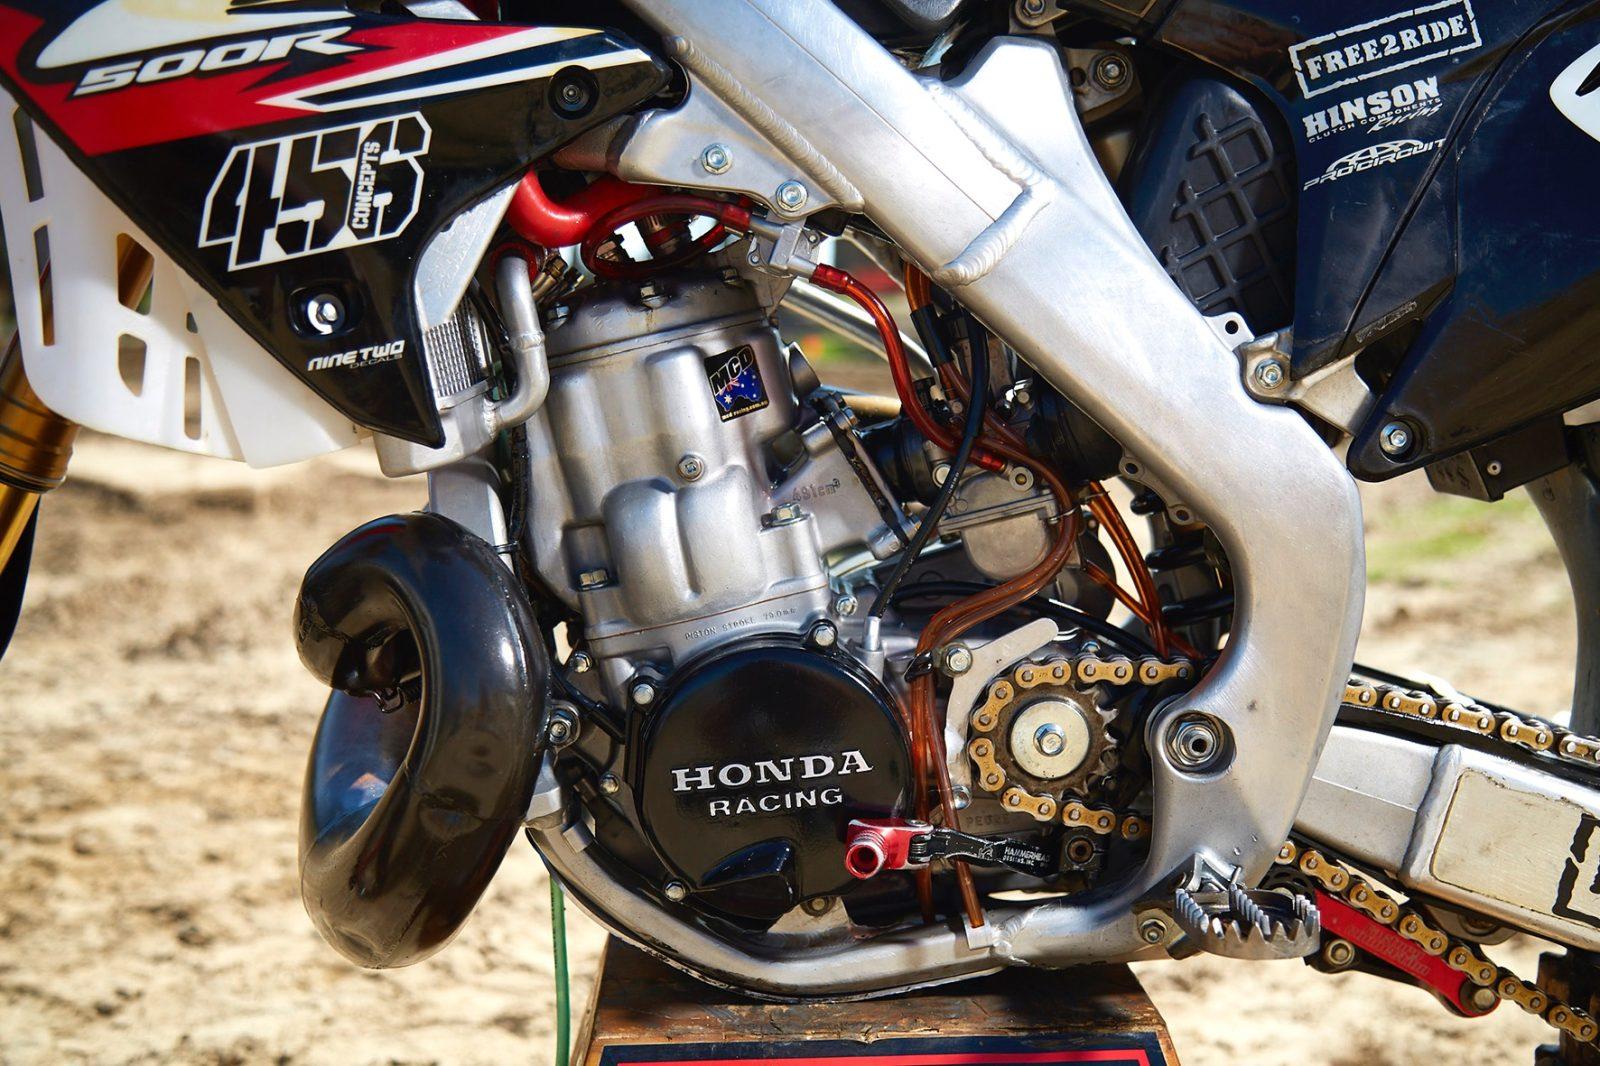 1989 Honda CR500 vs Custom 2011 CR500 - Australasian Dirt